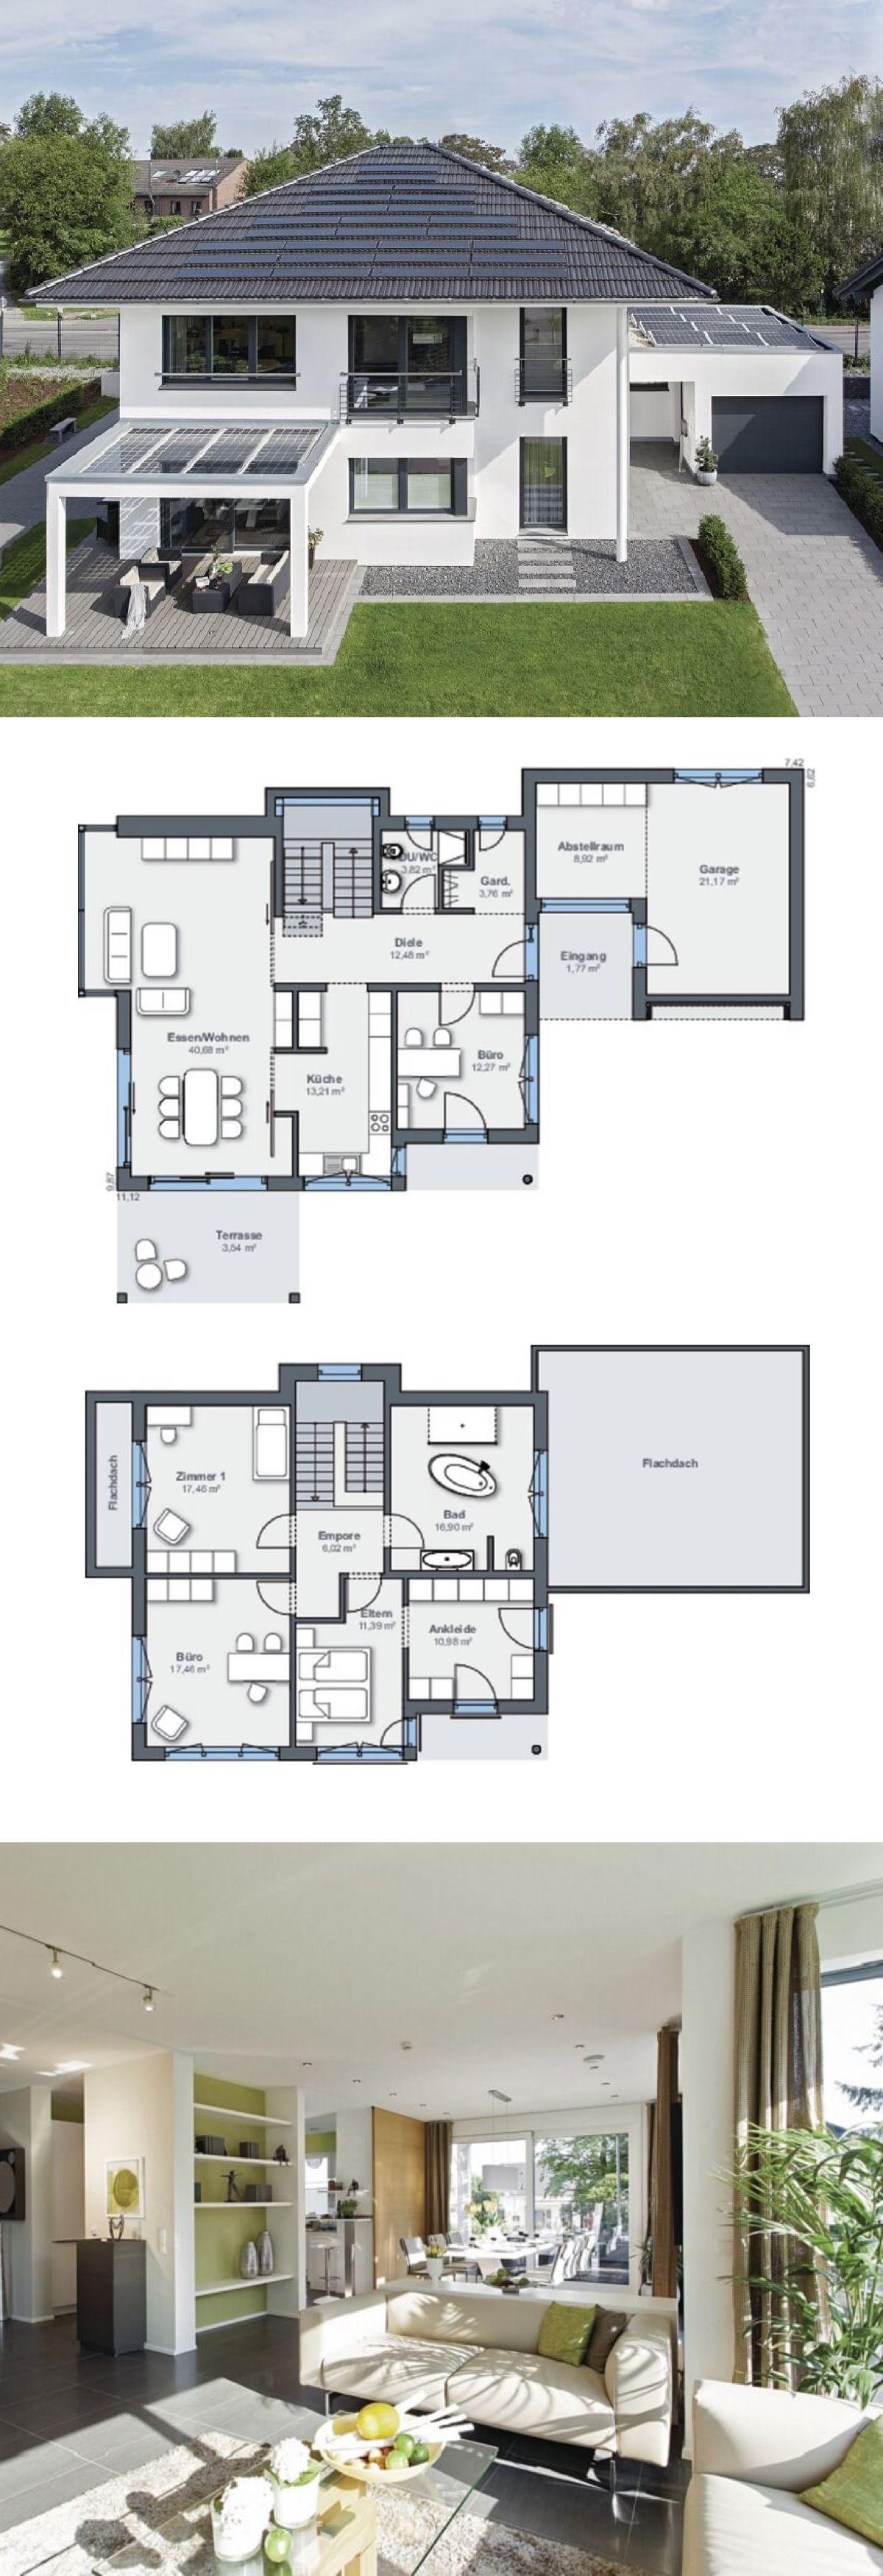 Modernes Design Haus mit Garage & Pergola - Grundriss ...